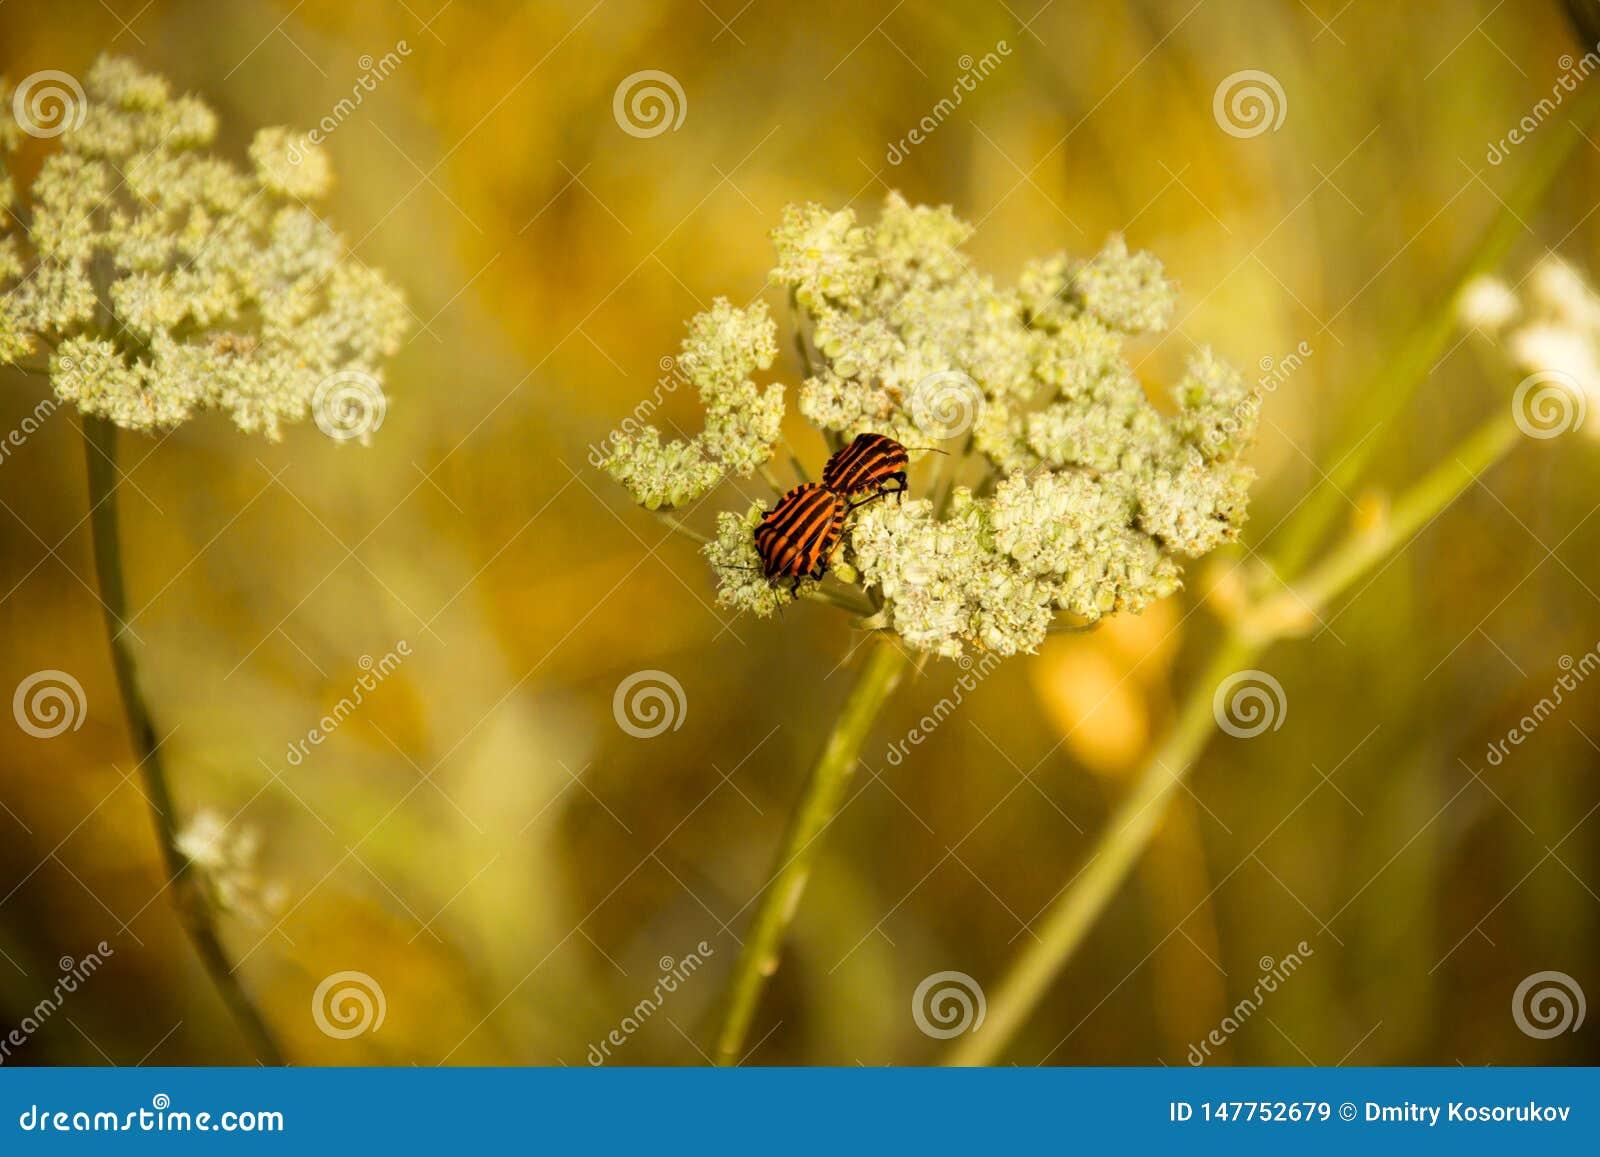 Los escarabajos de la primavera se acoplan en una flor blanca